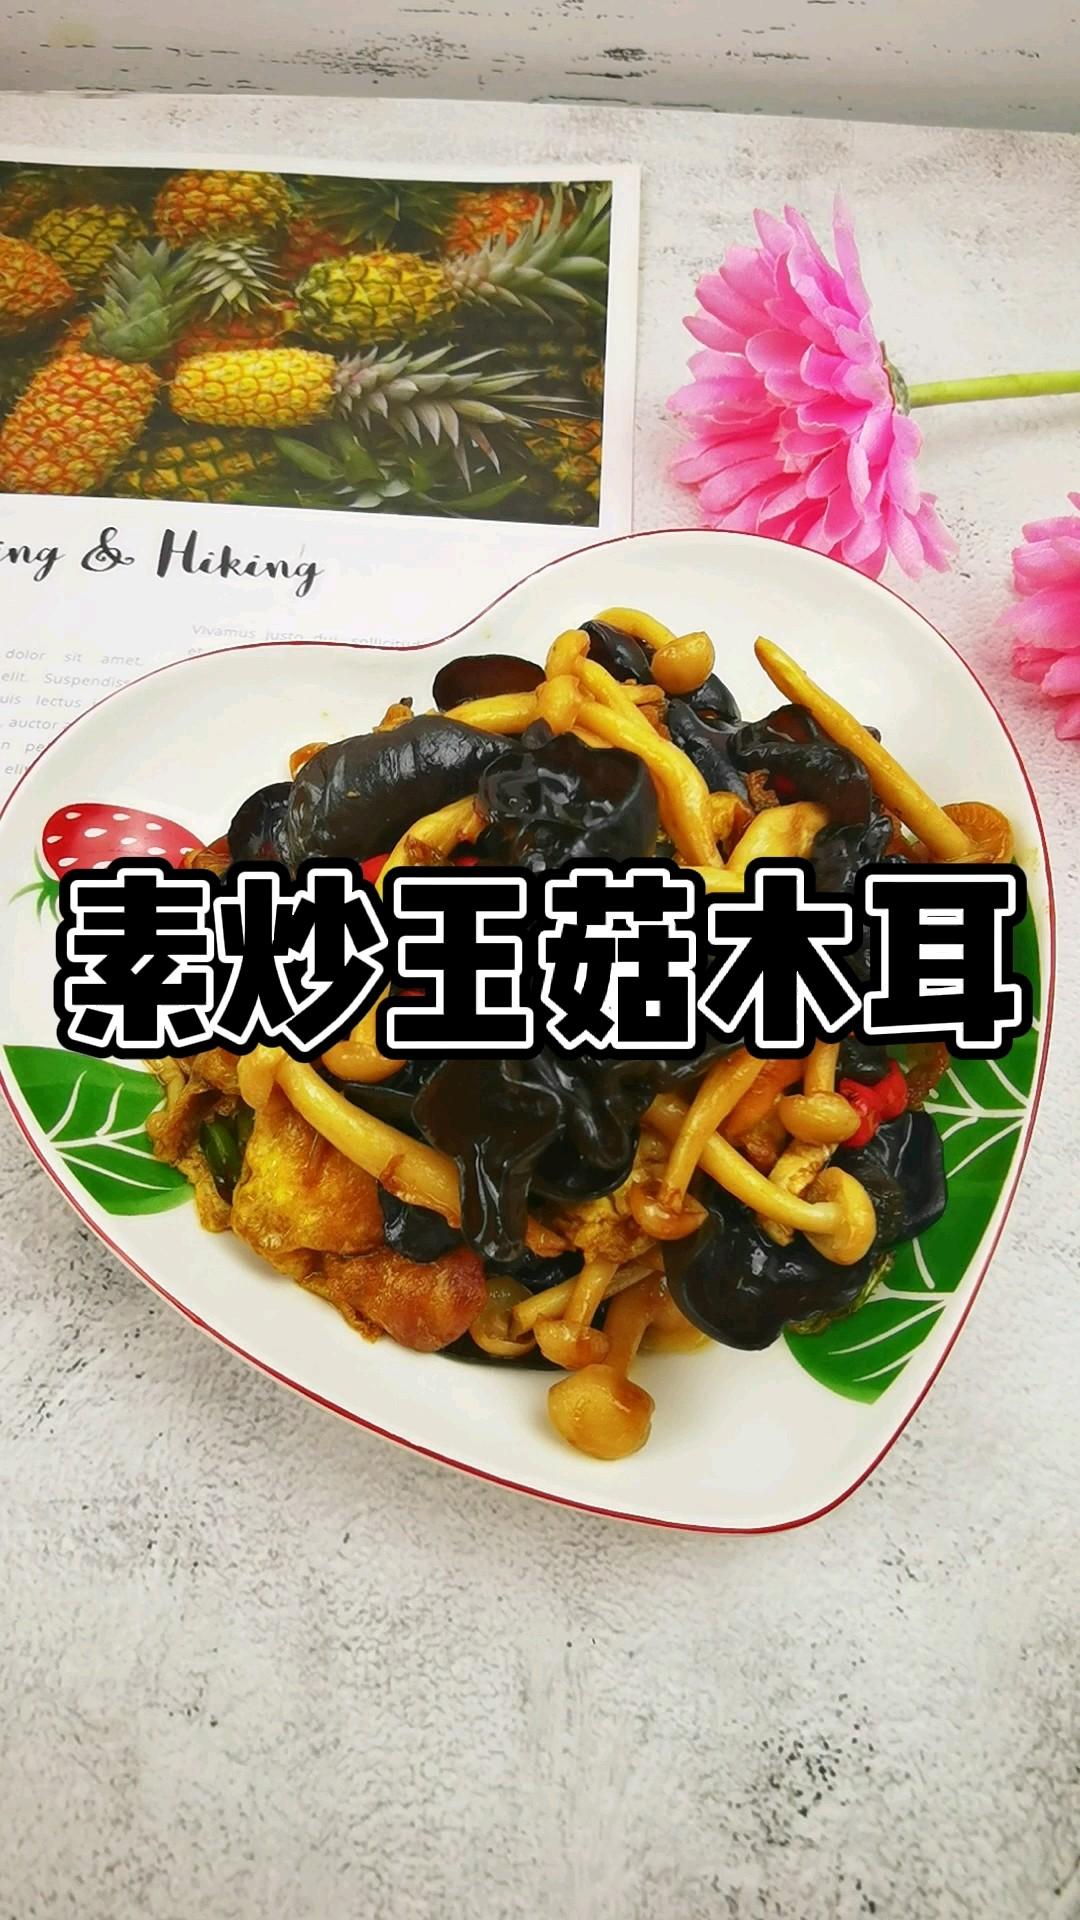 白玉菇加上木耳鸡蛋,这道好吃又好做的素菜我能吃两大碗米饭